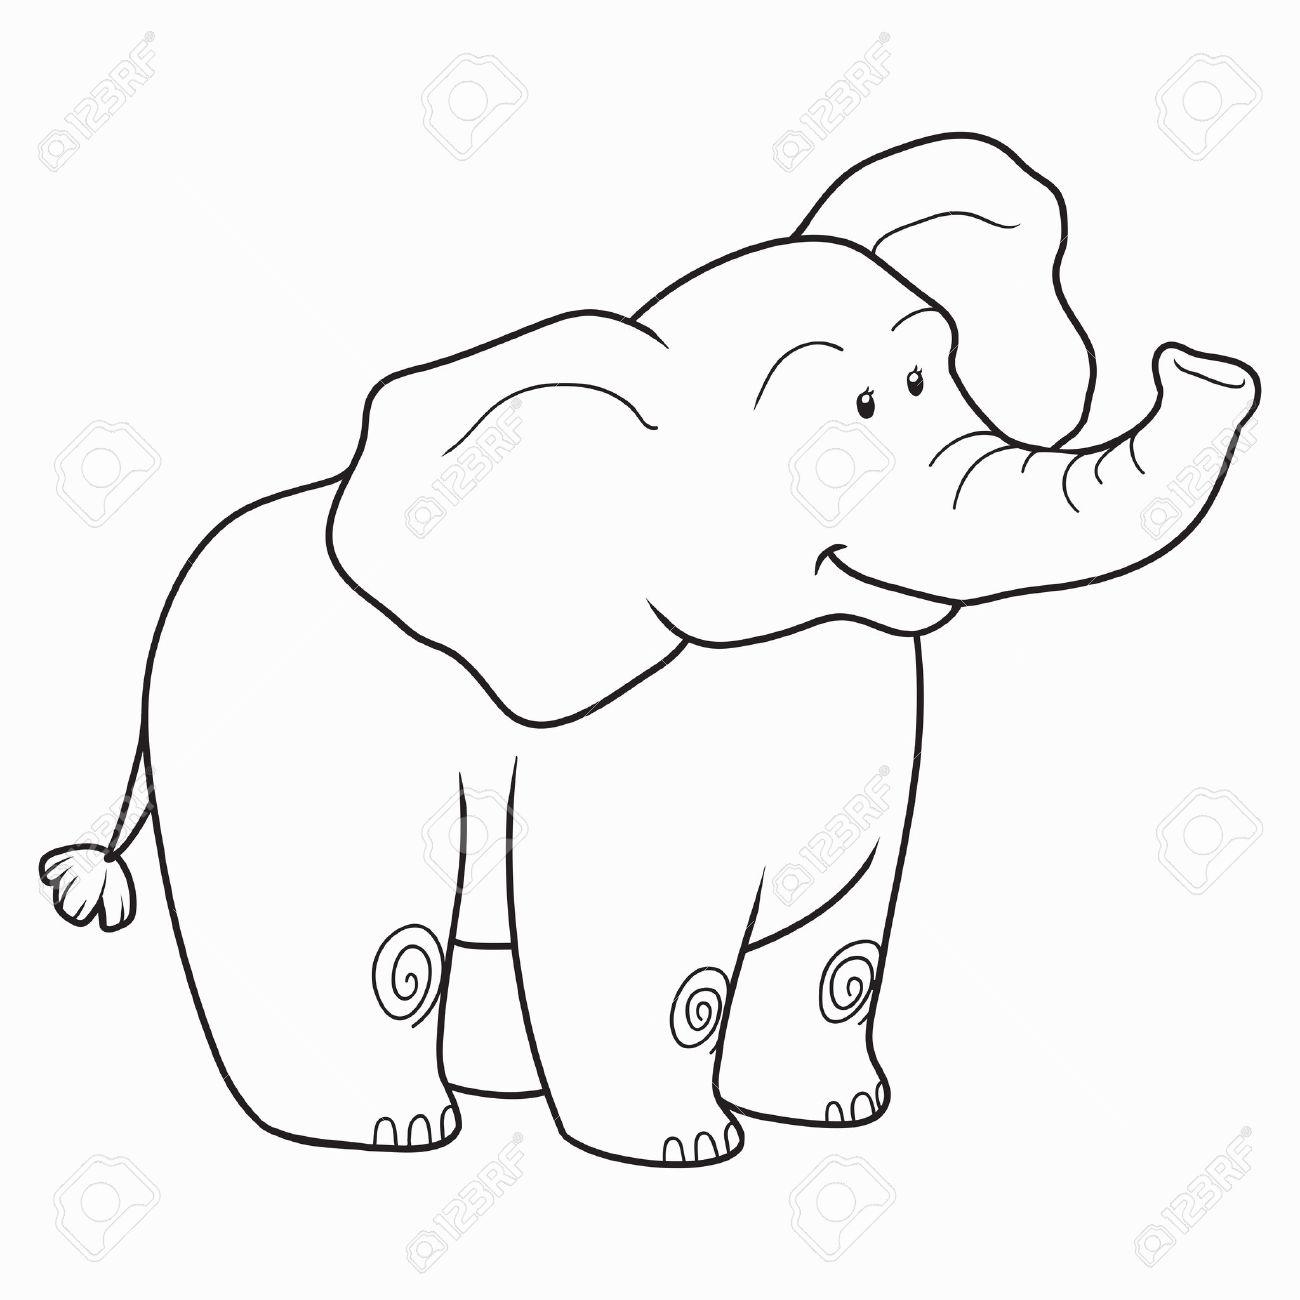 Bonito Colorear Cara De Elefante Componente - Enmarcado Para ...